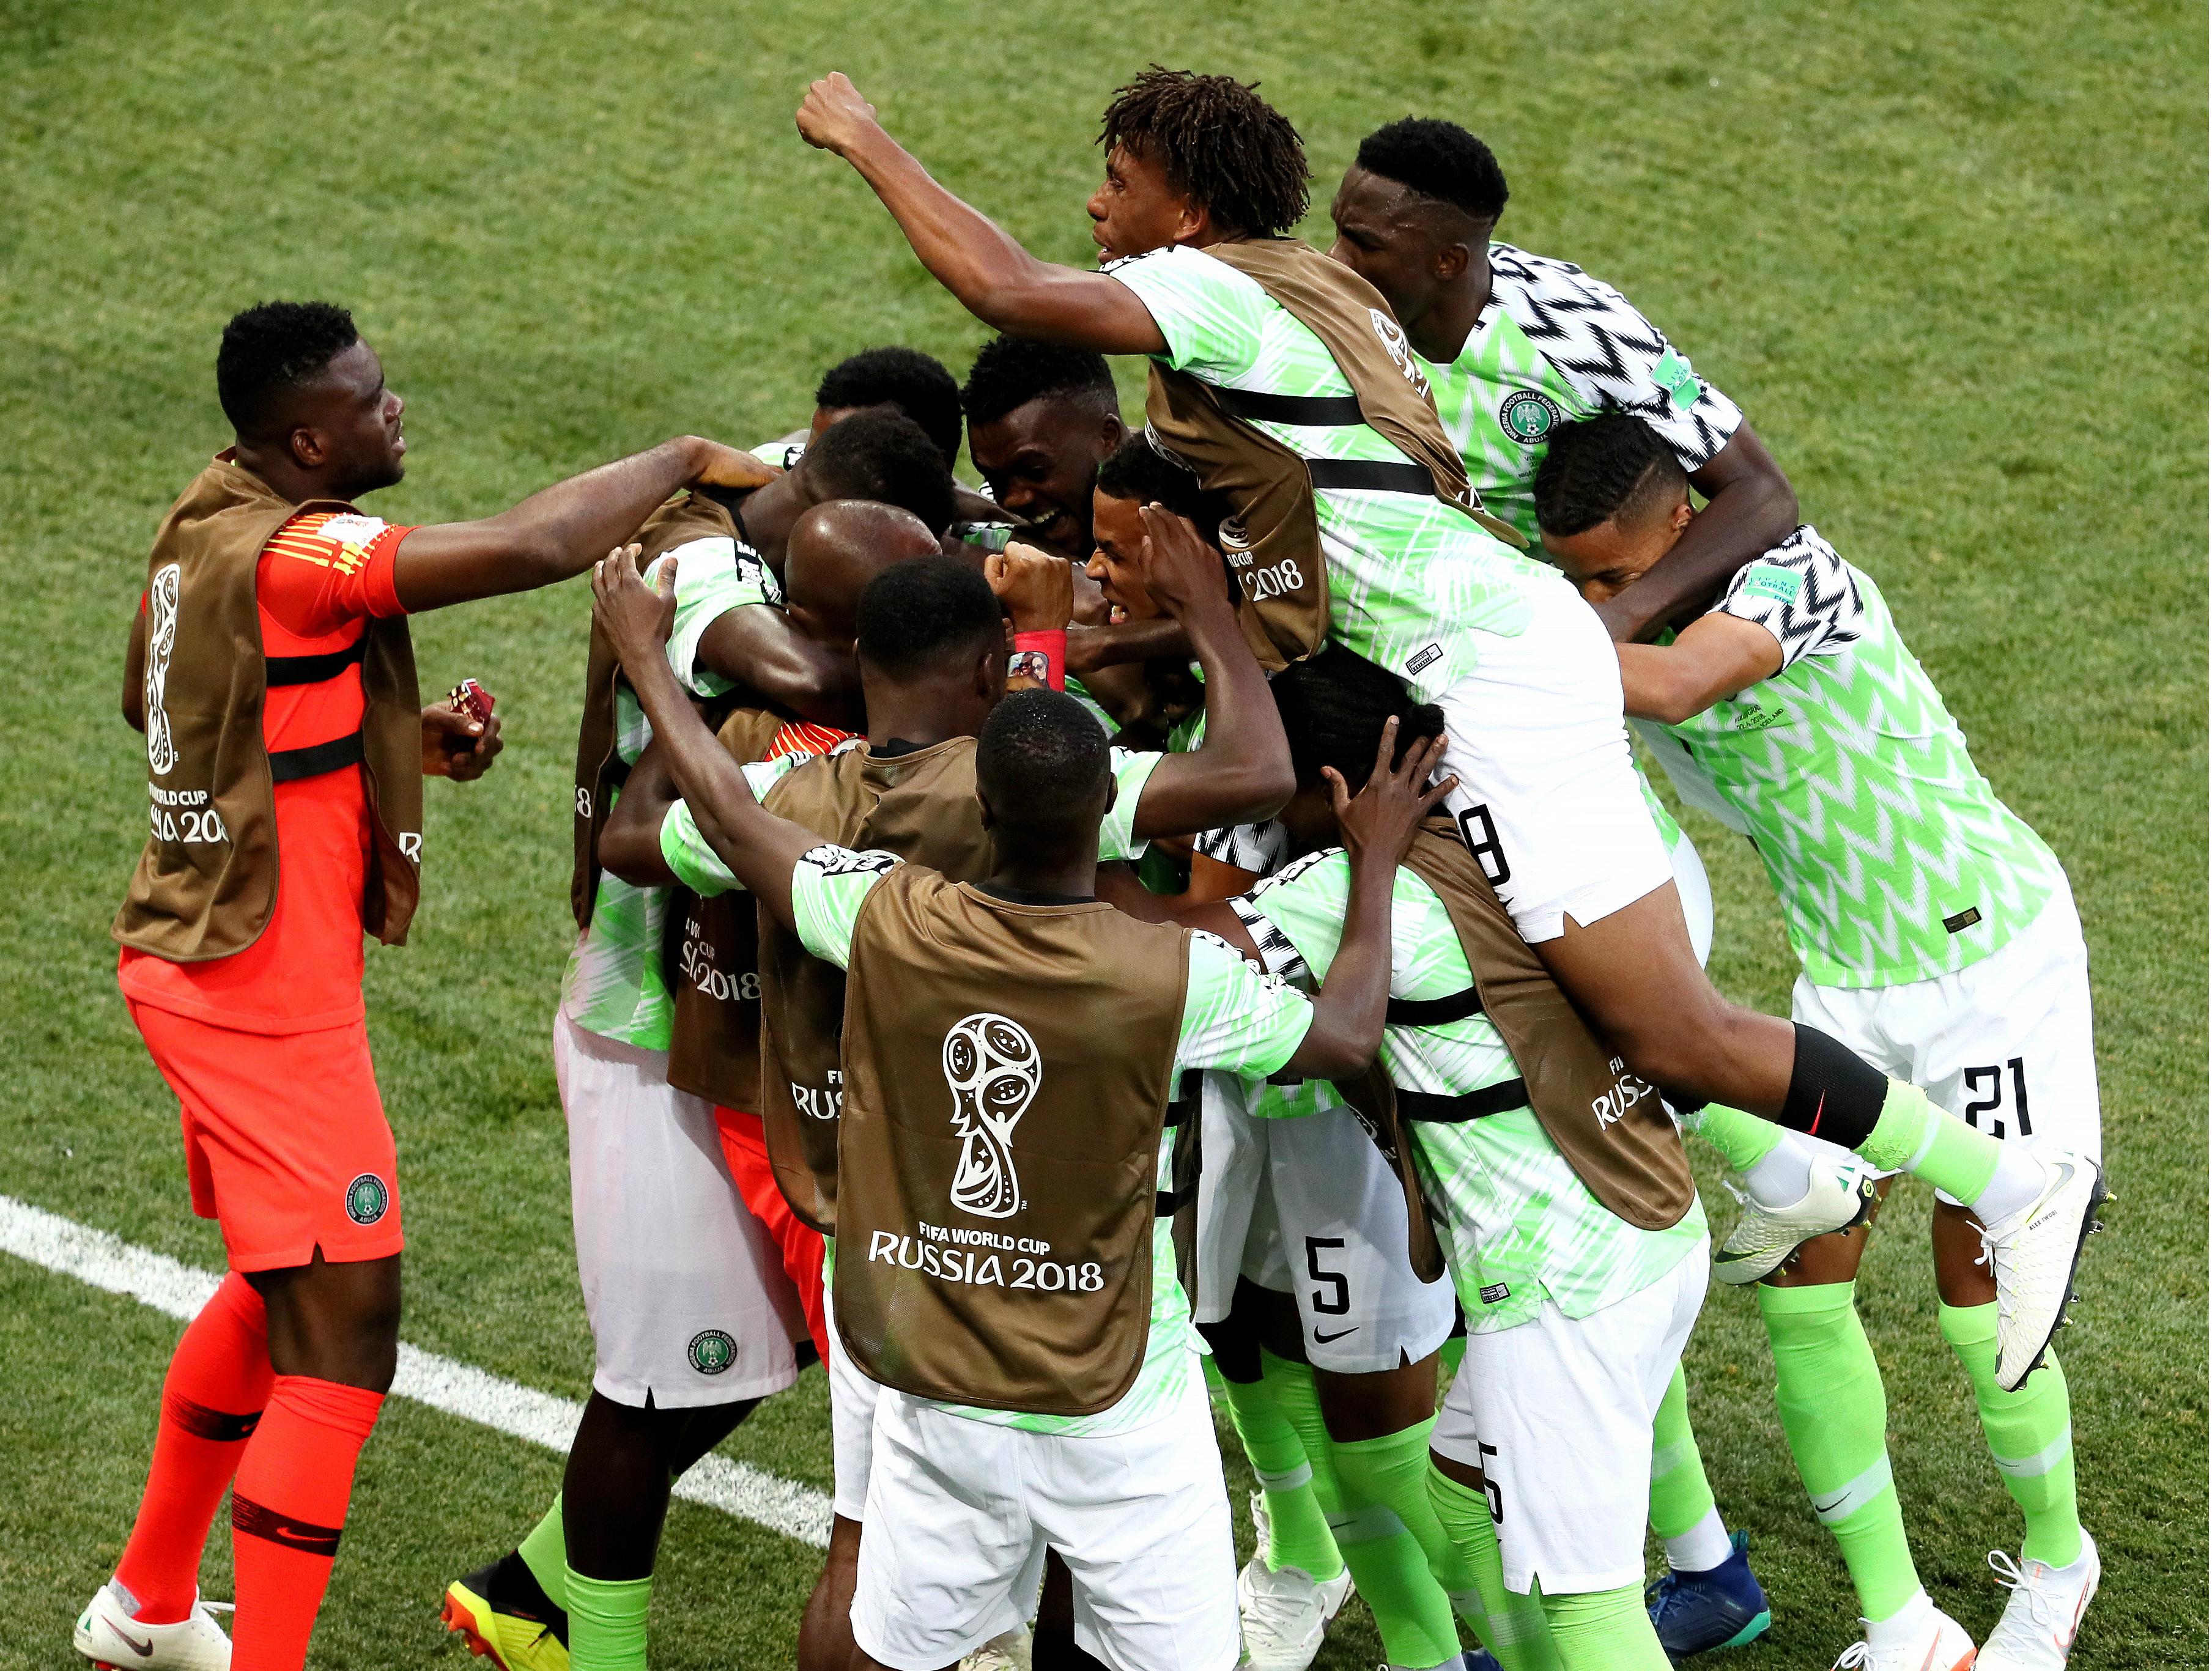 Nigeria_1fl62qcq8awy813kqw90jkciz2